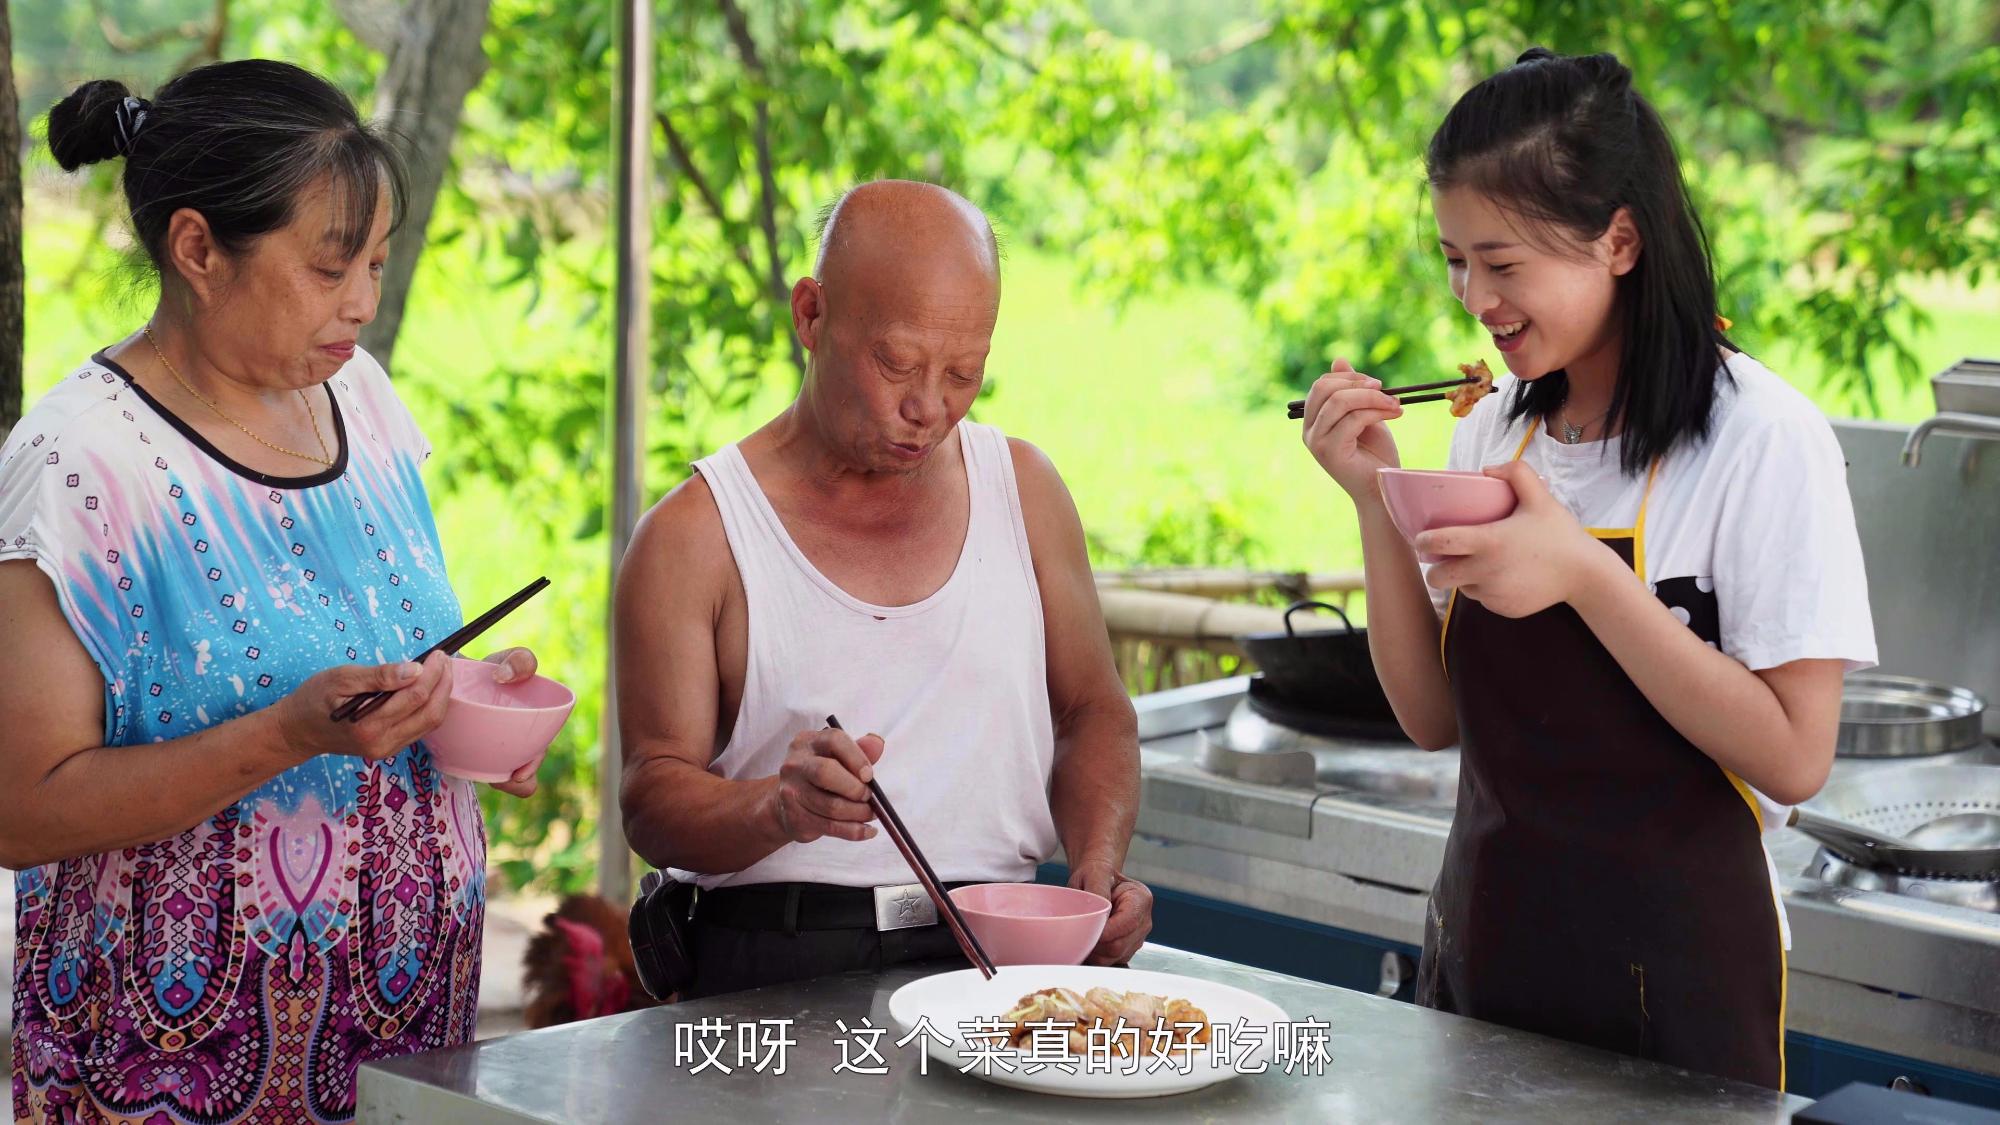 漆二娃vlog:用一坨南方的猪肉继续挑战做北方菜,得到一致好评